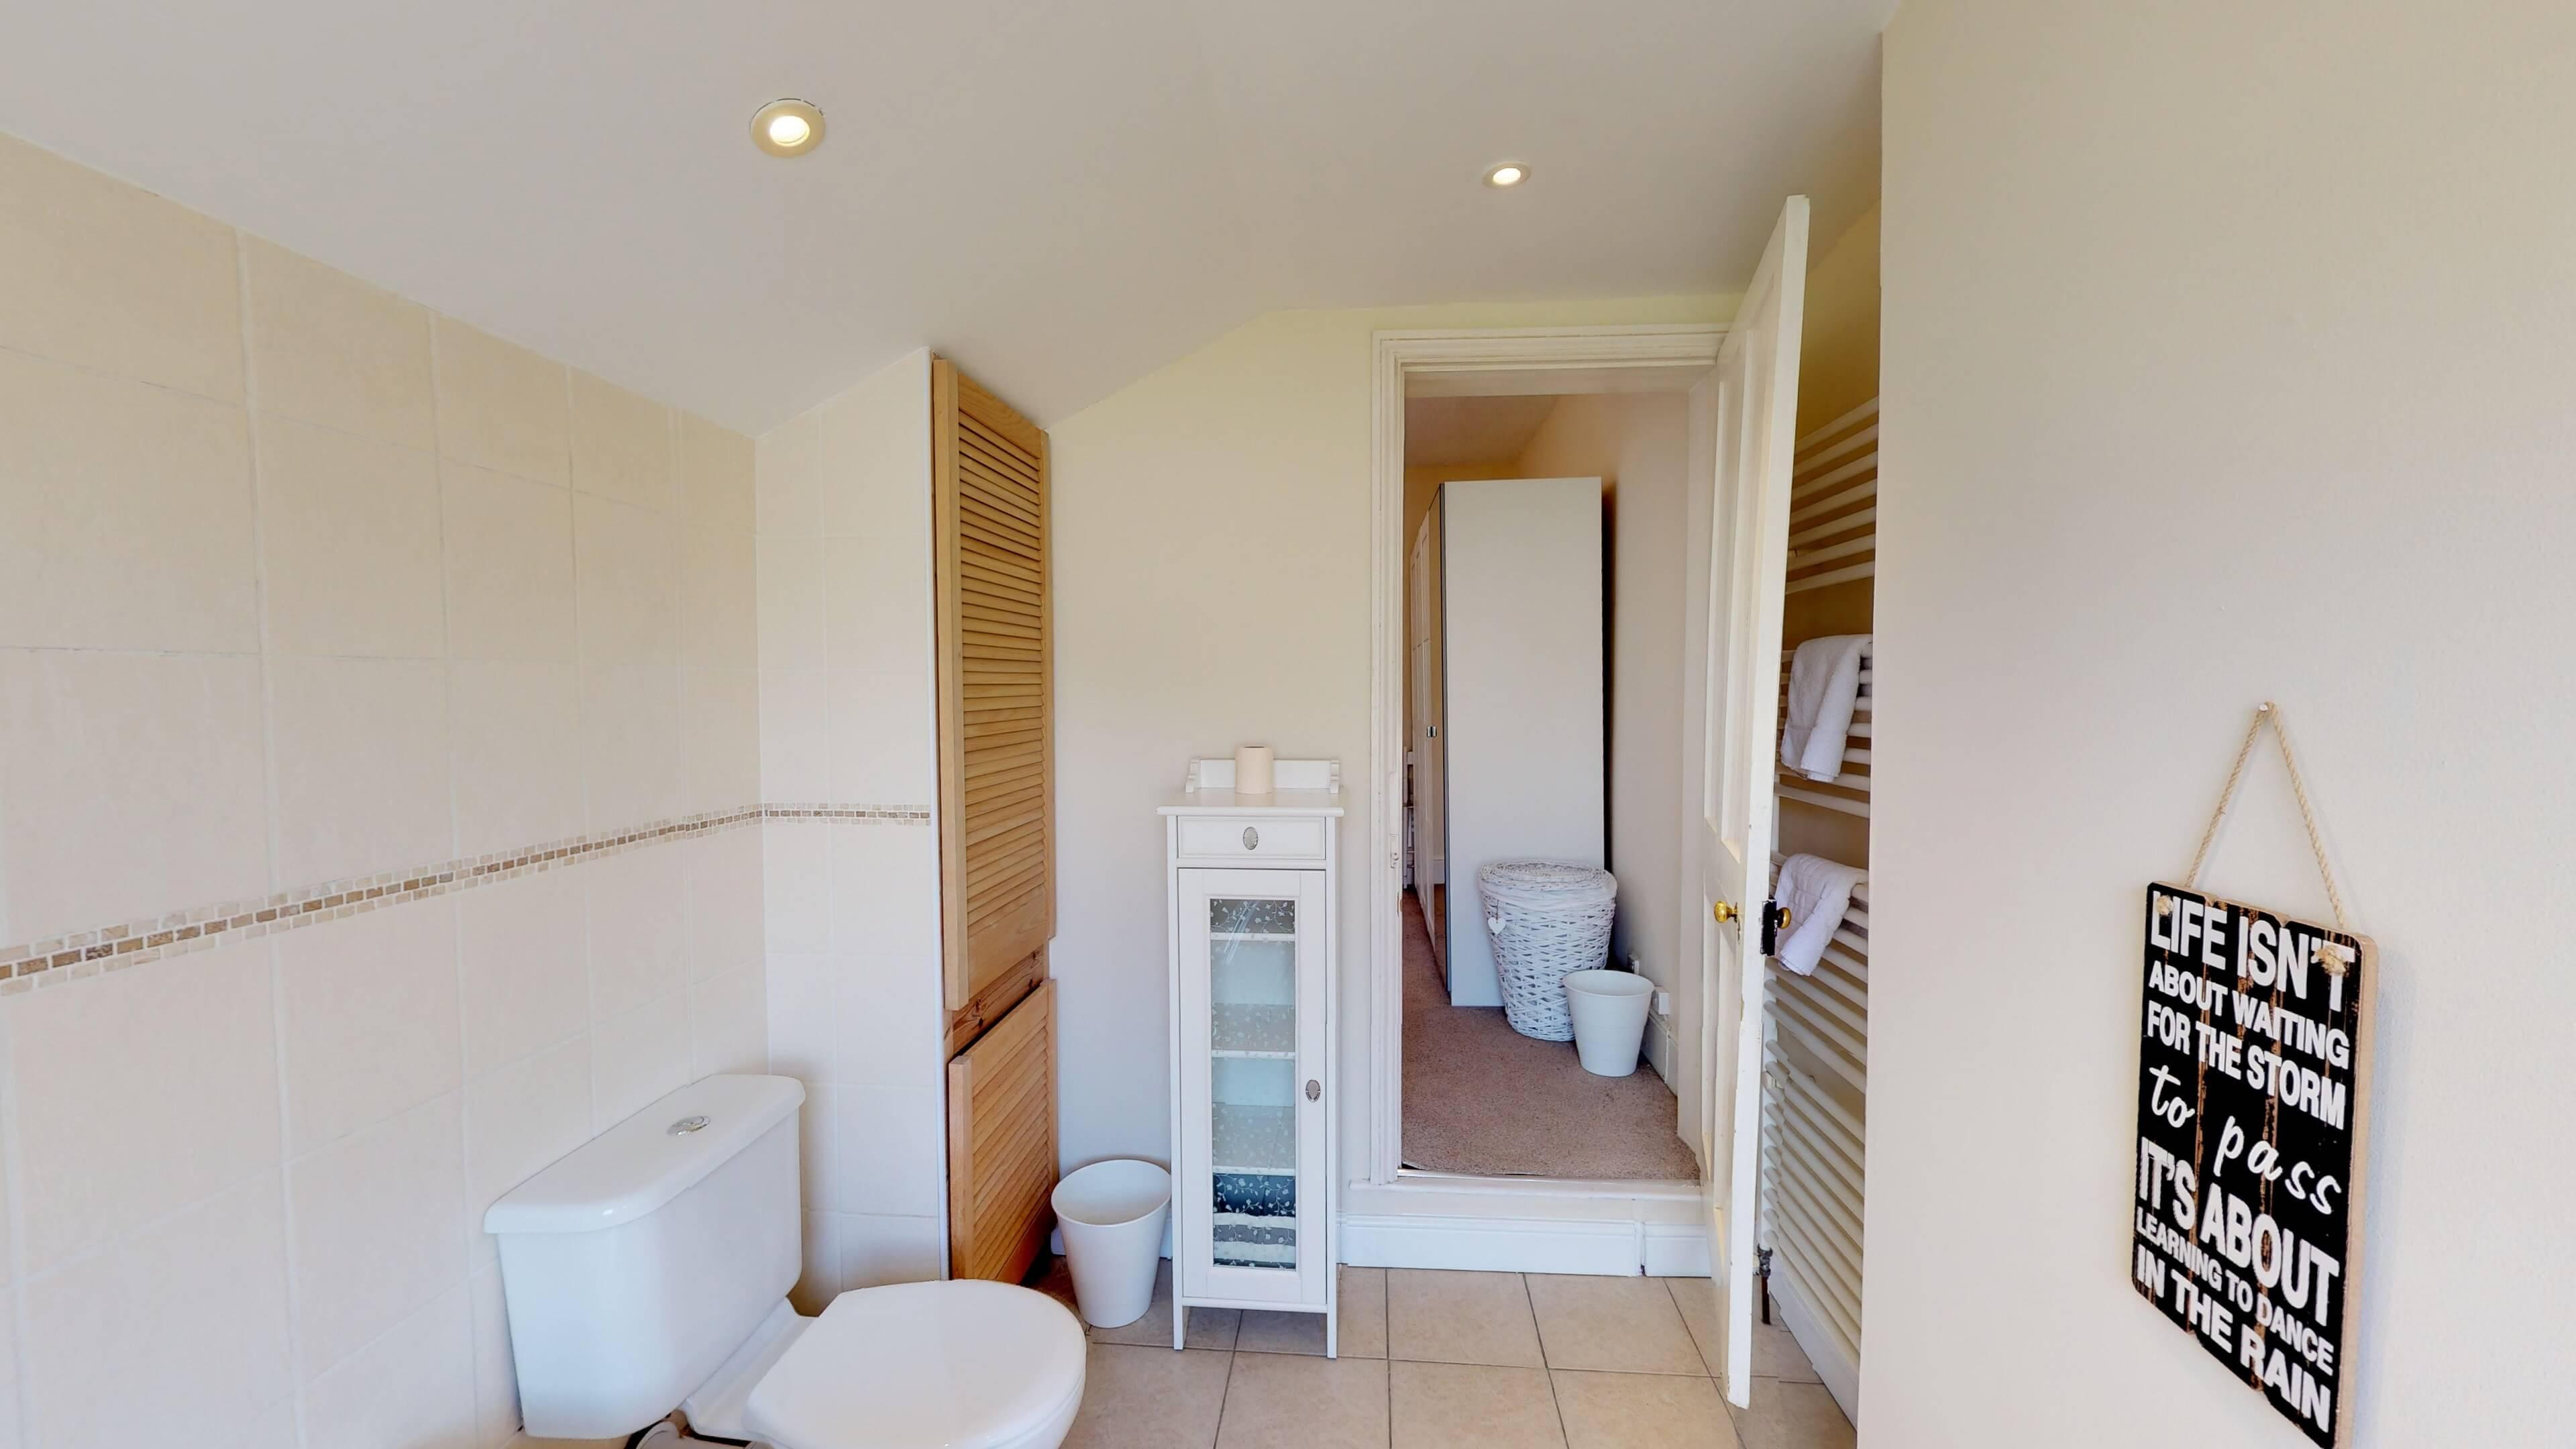 Gordon Street Toilet